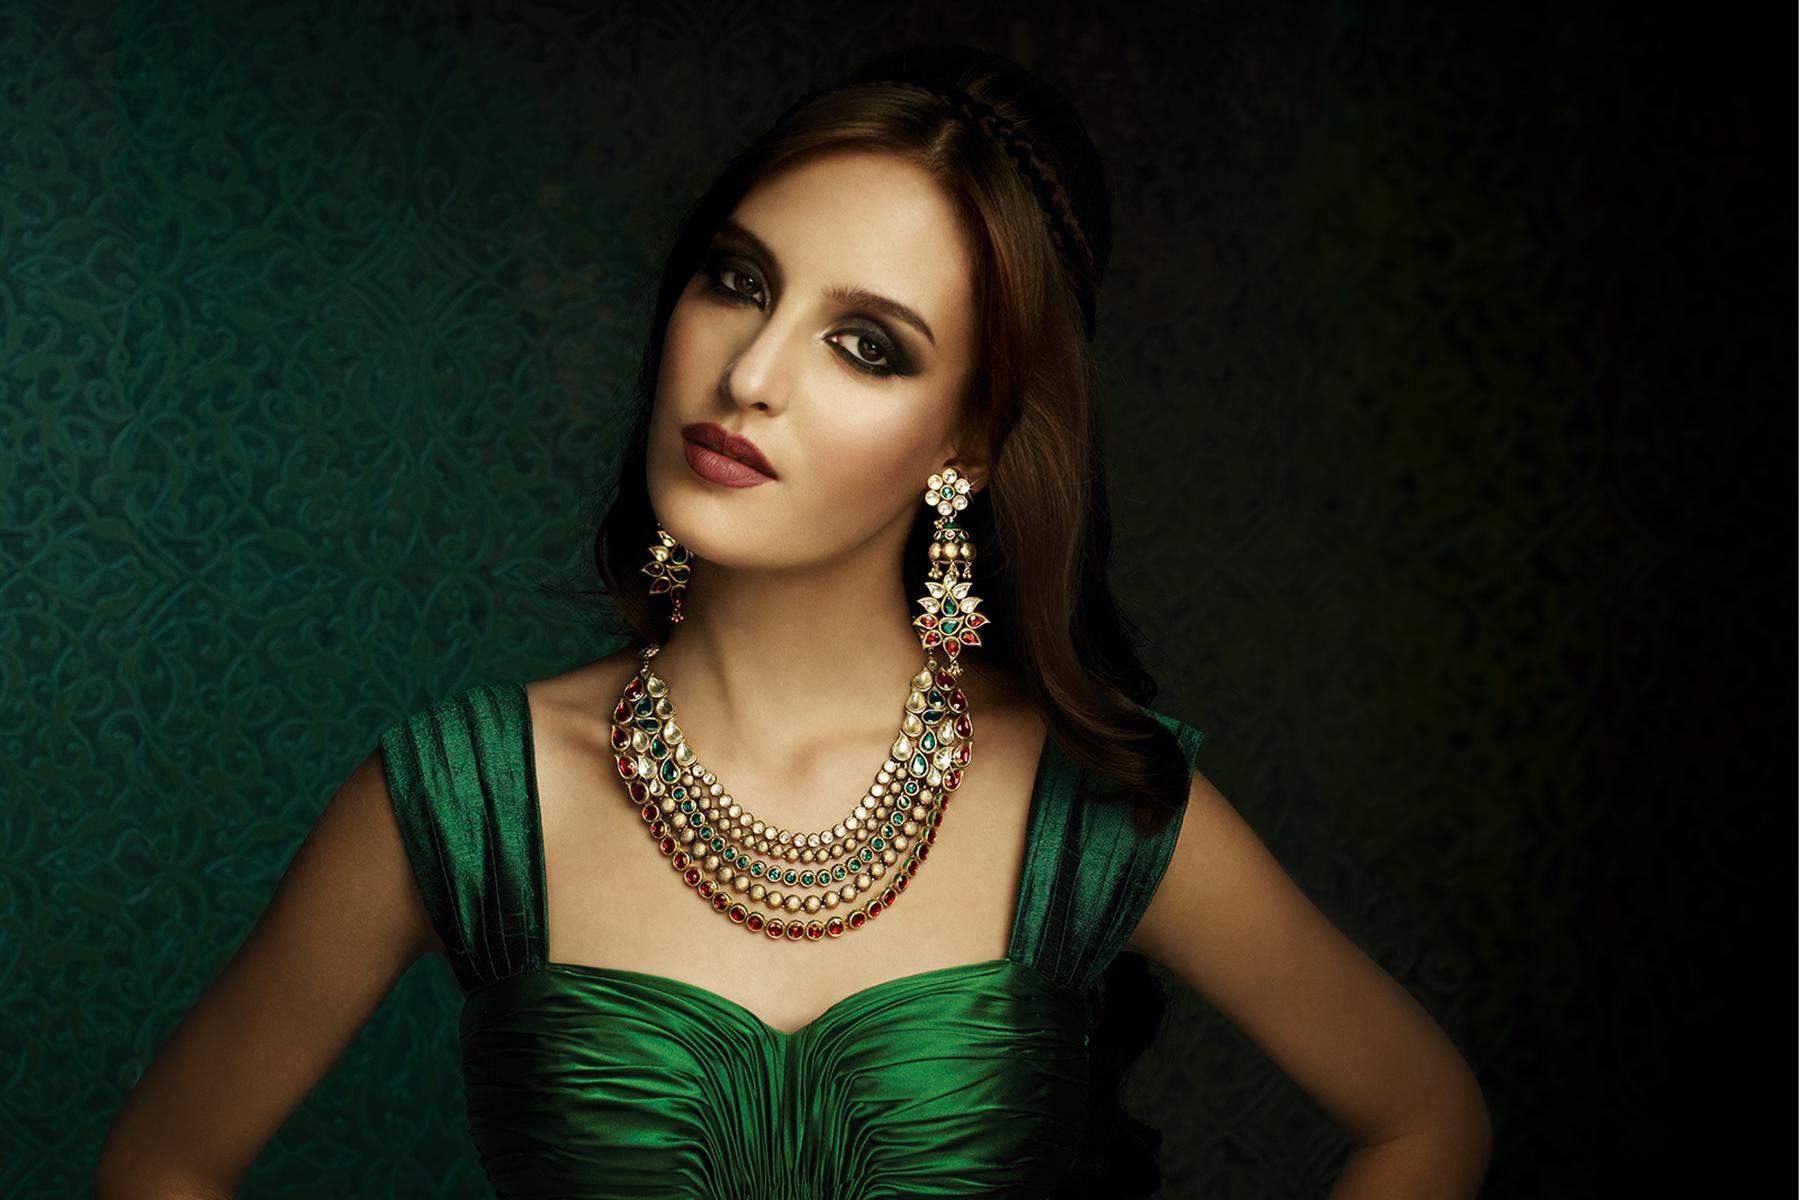 6 kiểu kết hợp màu sắc trang phục với trang sức vàng không thể bỏ qua - Ảnh 3.